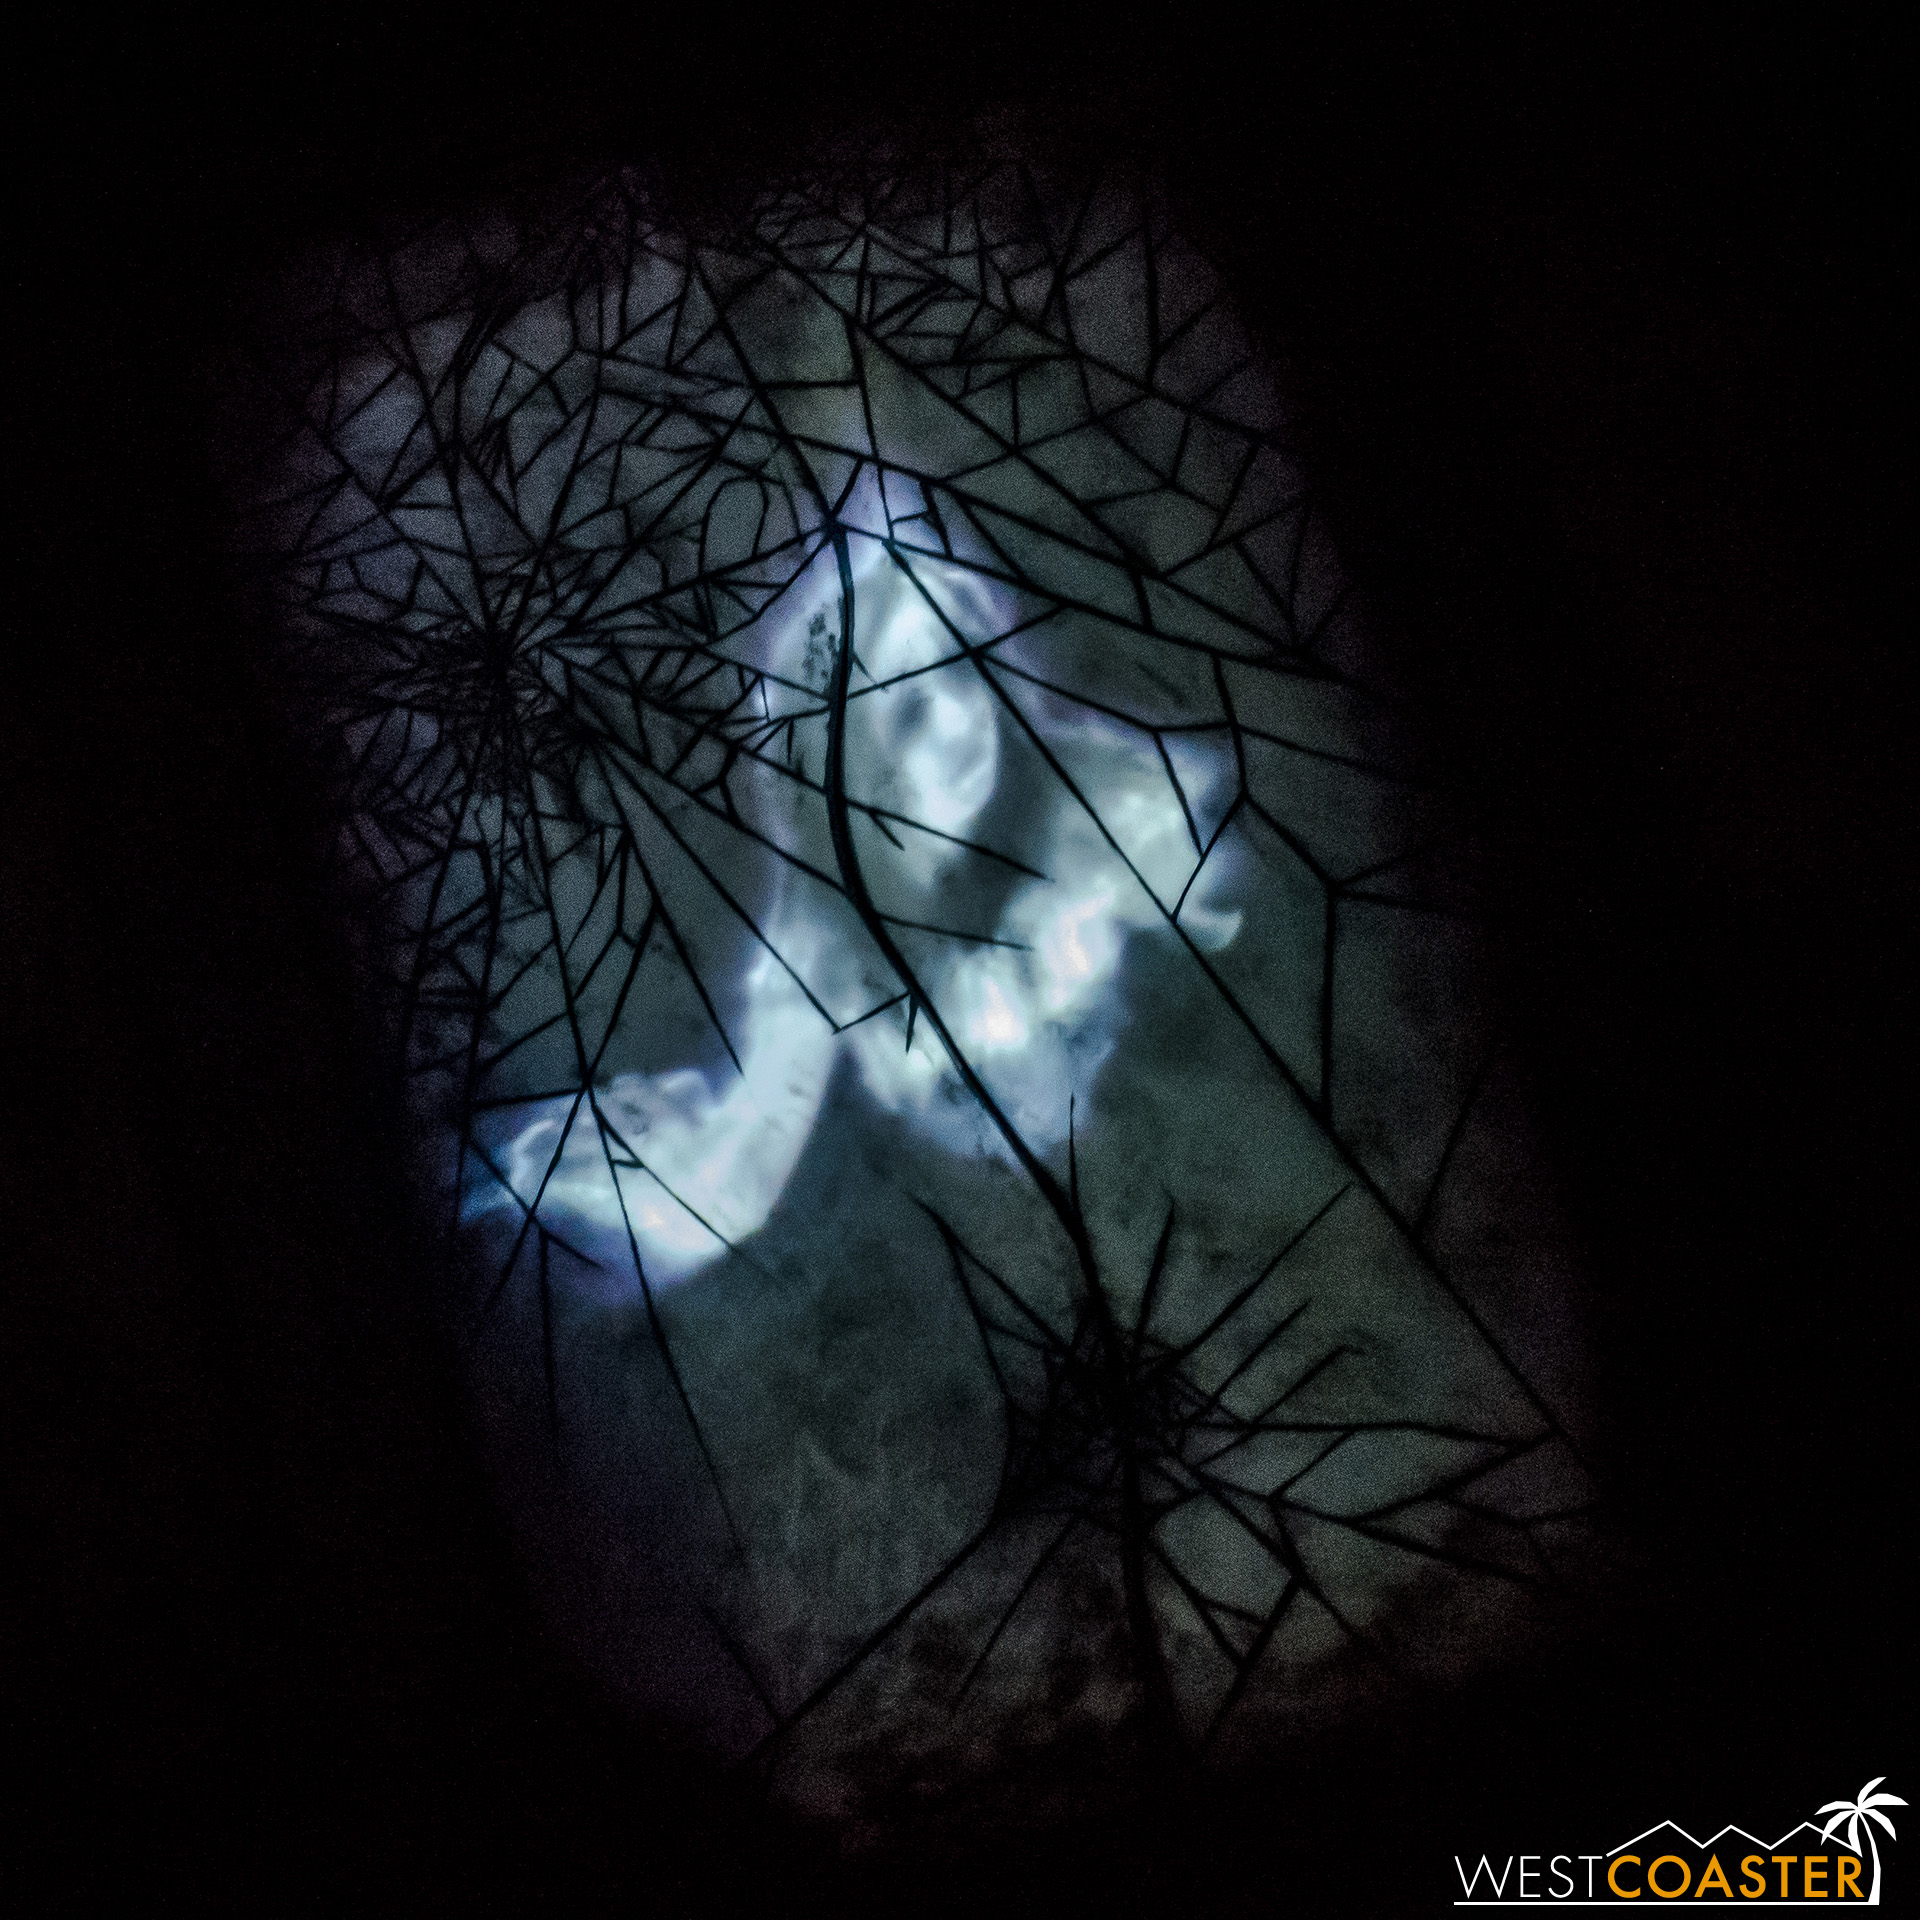 KSF-18_0925-C-Paranormal-0002.jpg